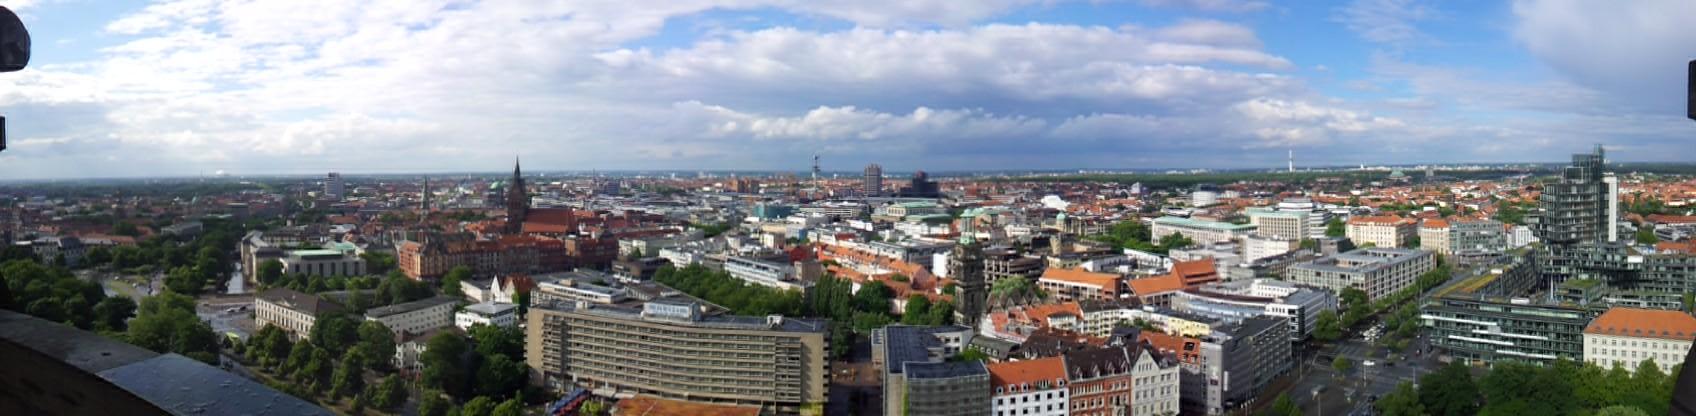 Blick vom Neuen Rathaus Richtung Norden